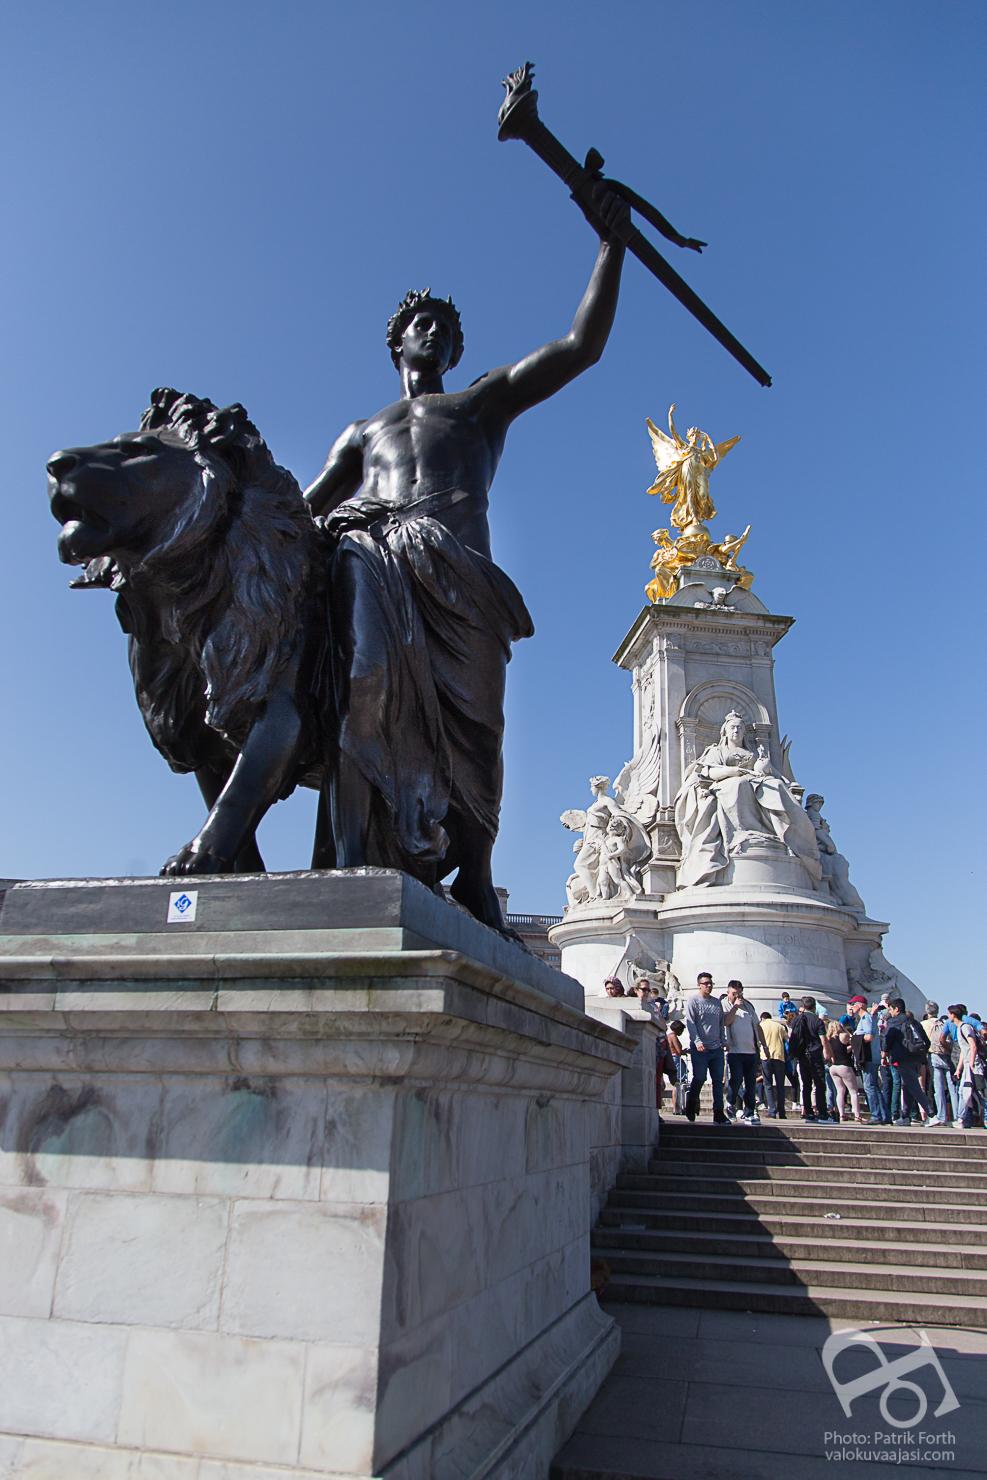 The Queen Victoria Memorial